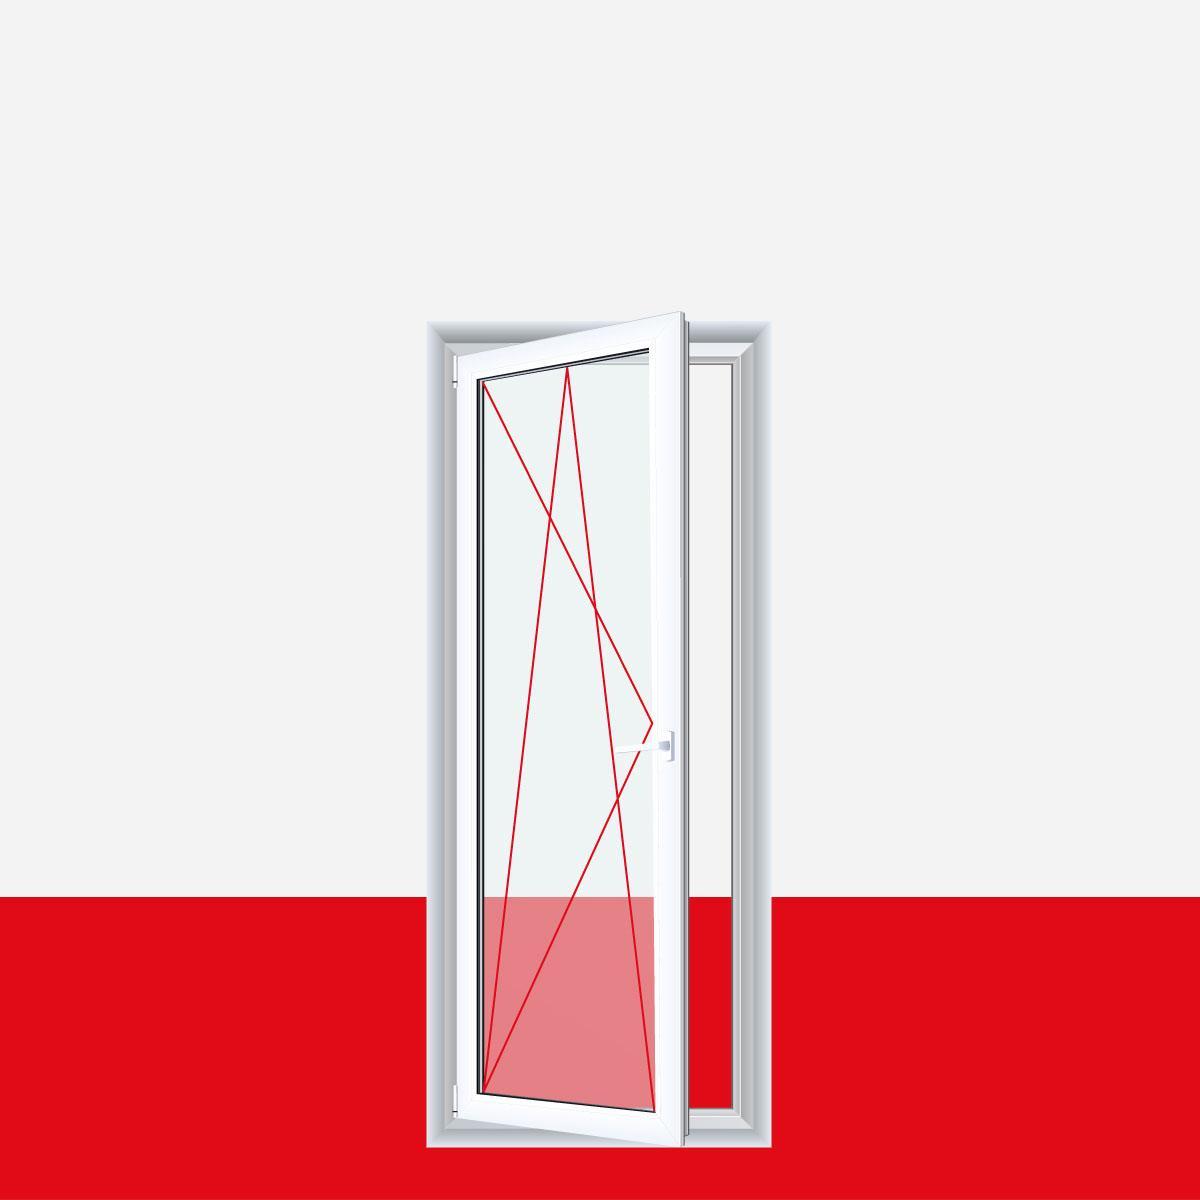 Full Size of Fenster Konfigurieren 1 Flglige Balkontr Kunststoff Dreh Kipp Wei Und Tren Weru Preise Online Konfigurator Auto Folie Einbruchschutz Stange Marken Fenster Fenster Konfigurieren